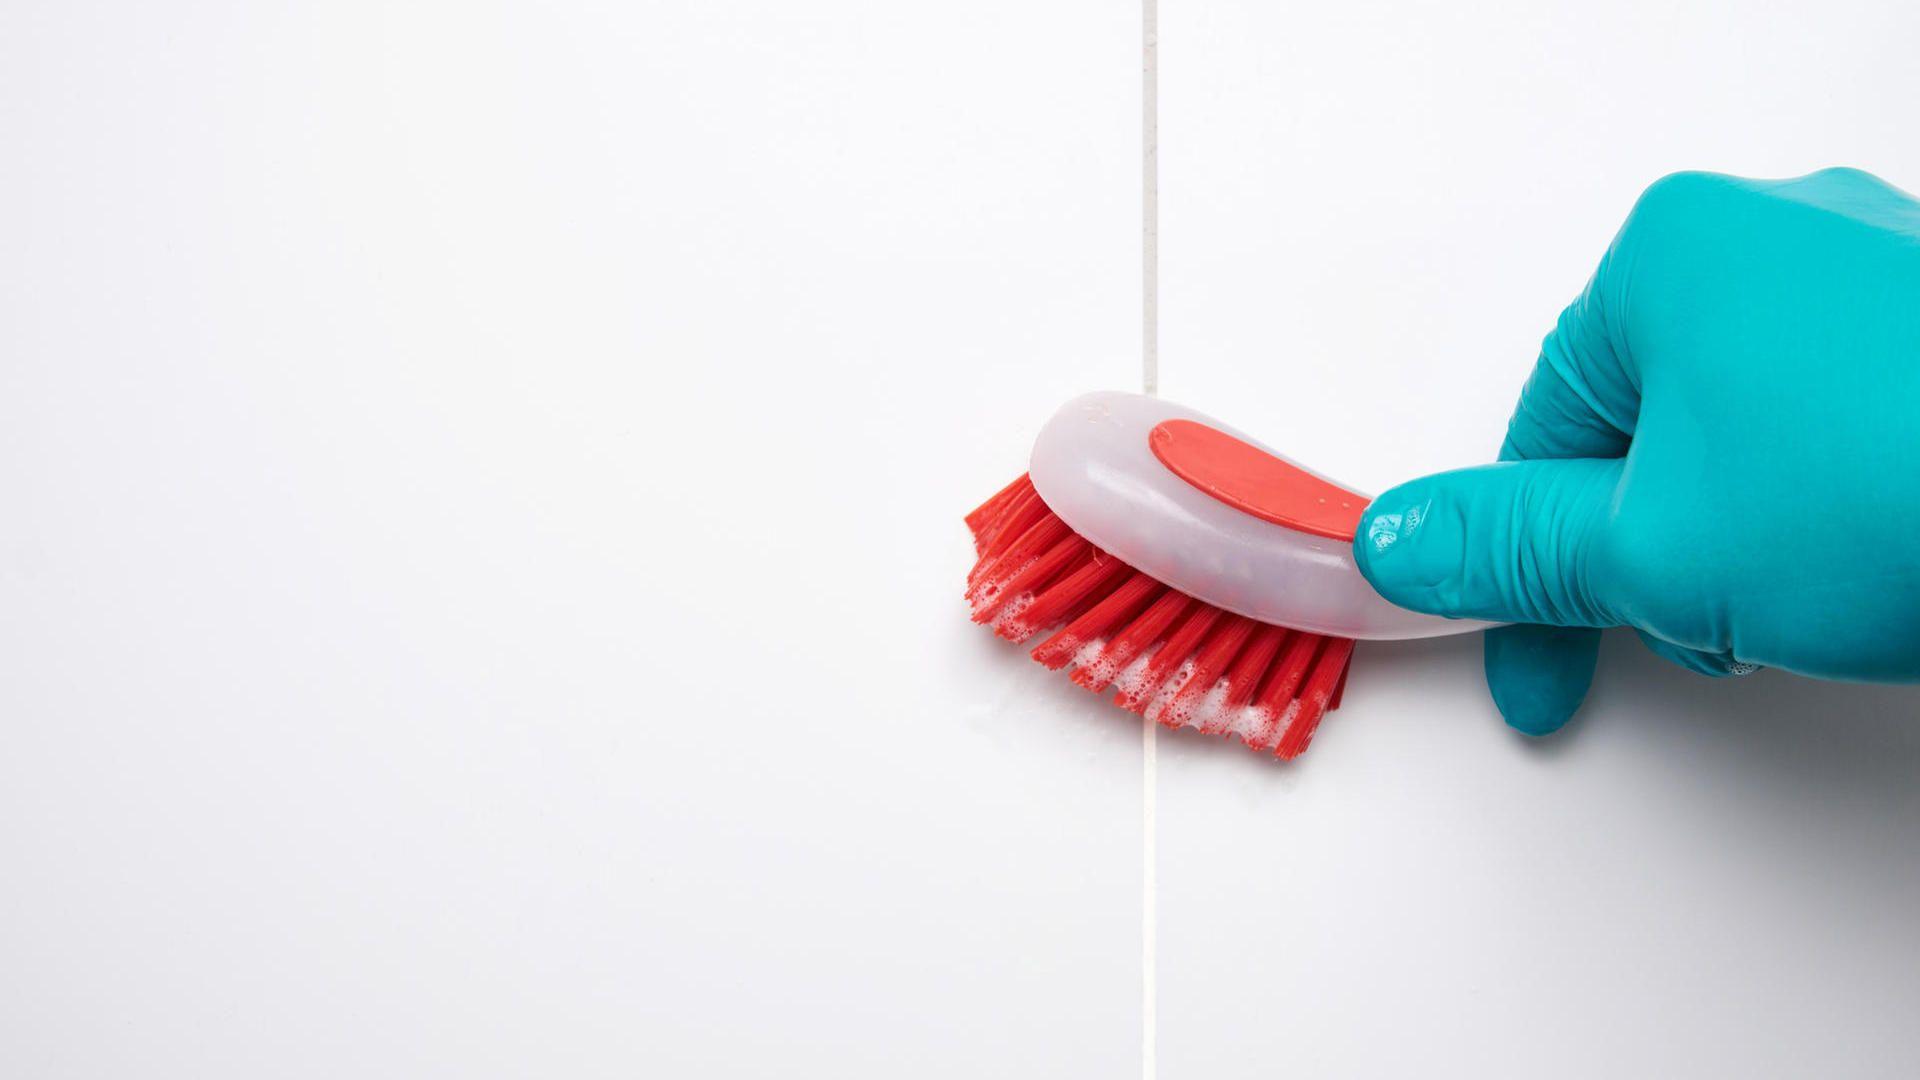 Kalk Und Schimmel Im Bad Einfacher Loswerden Fugen Reinigen Badezimmer Putzen Tipps Schimmel In Der Dusche Entfernen